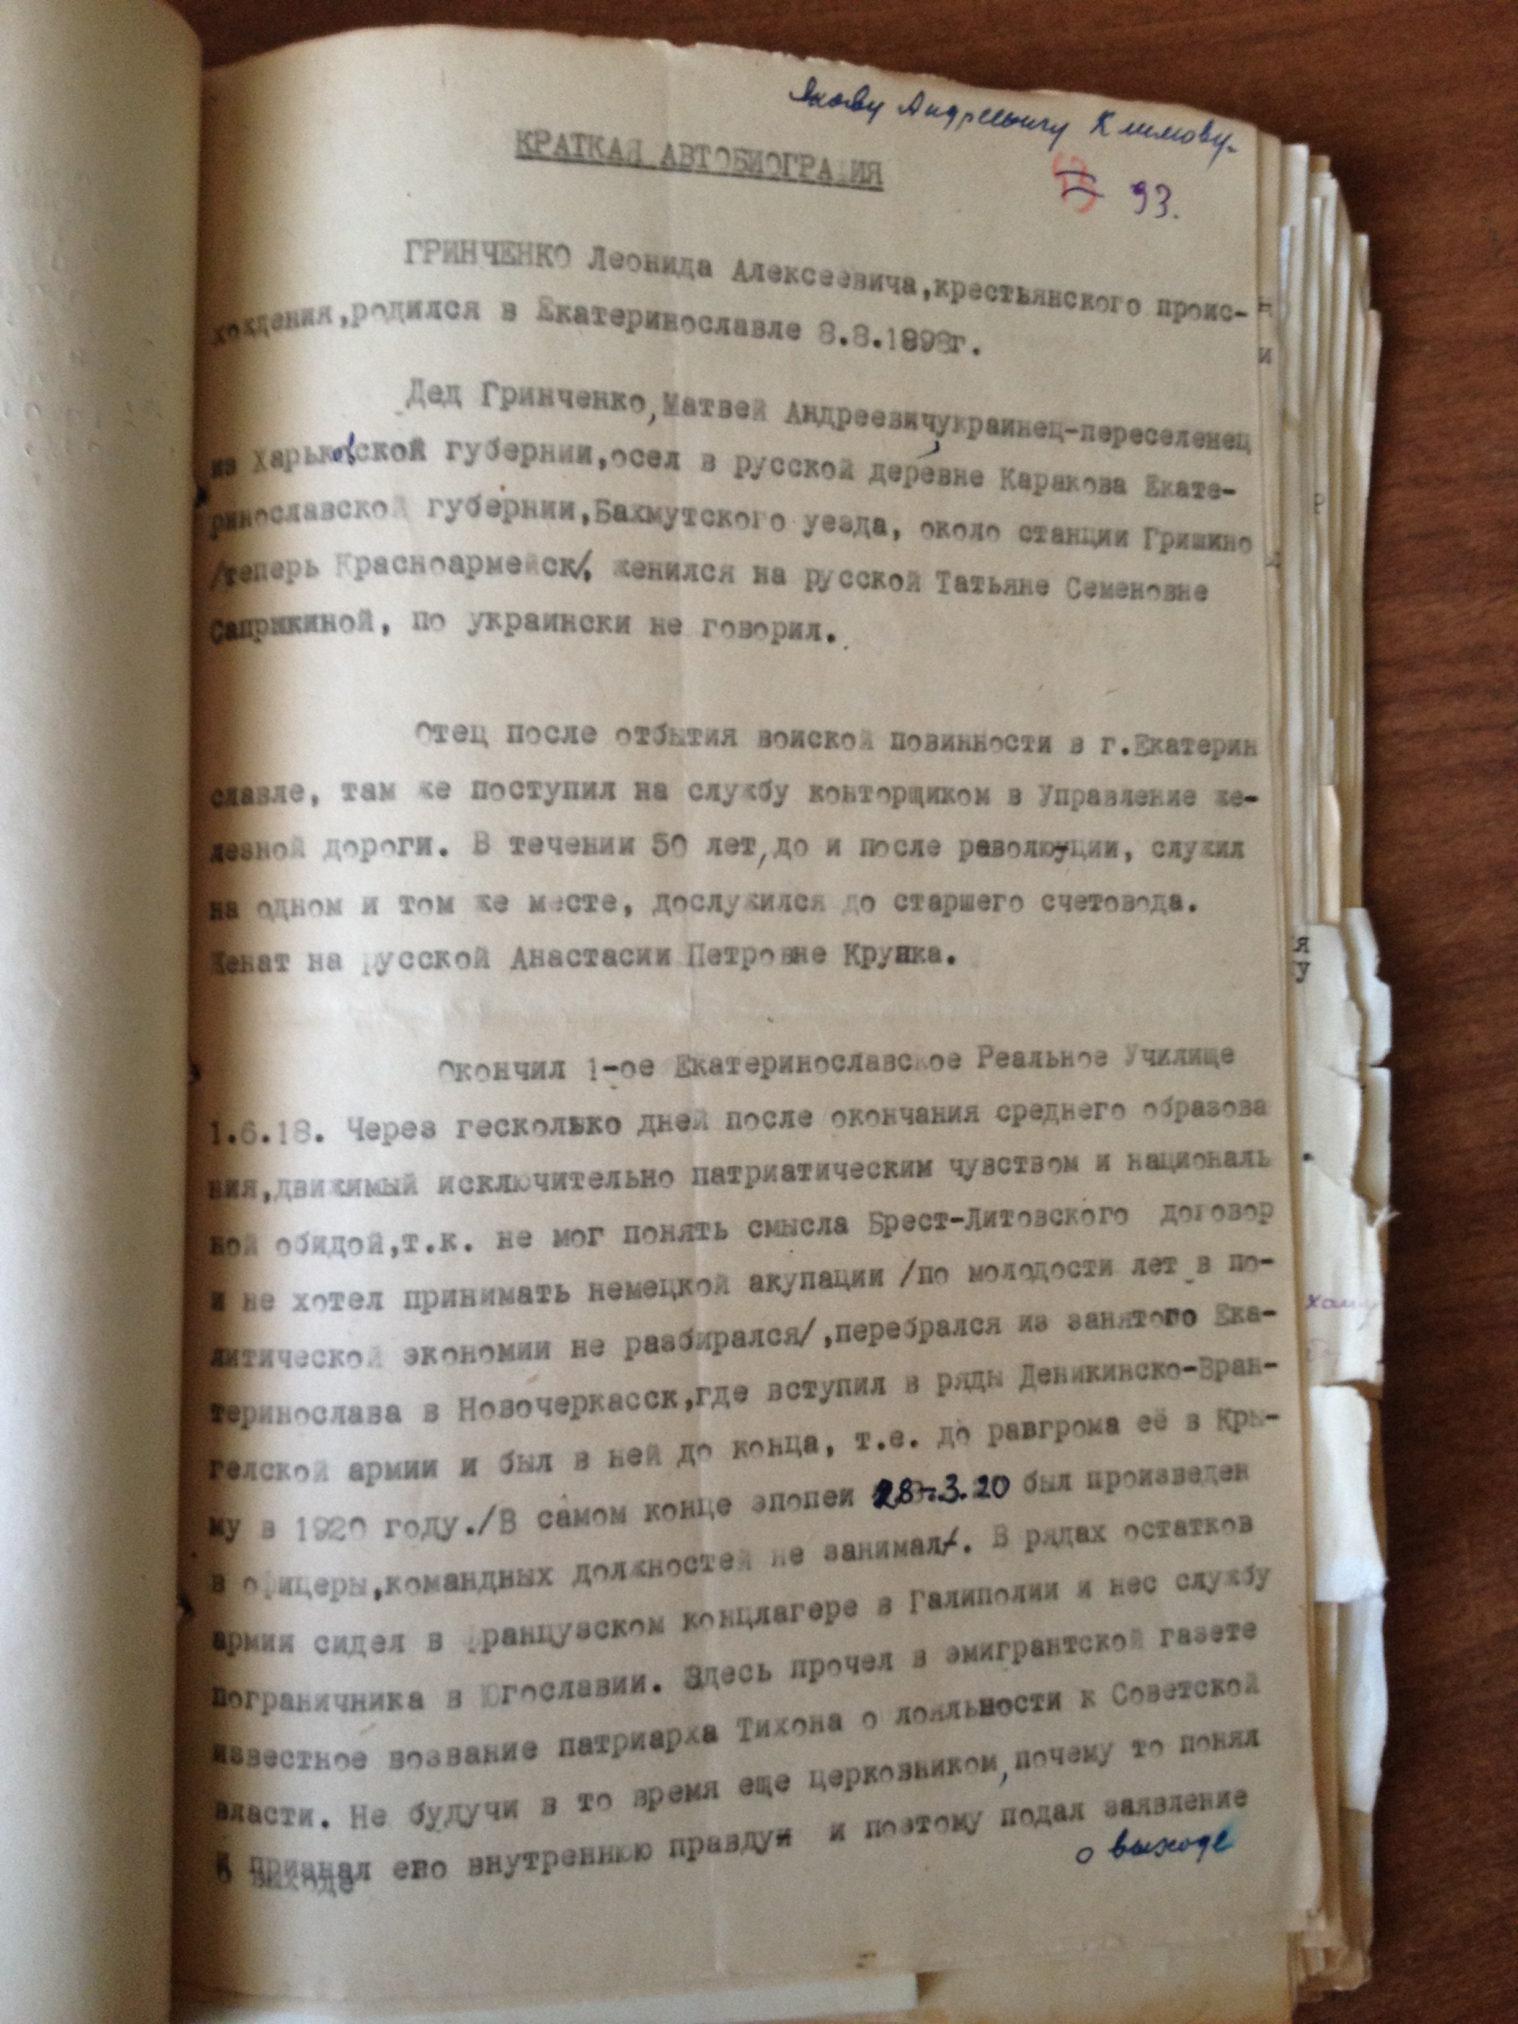 Автобиография Л.А. Гринченко